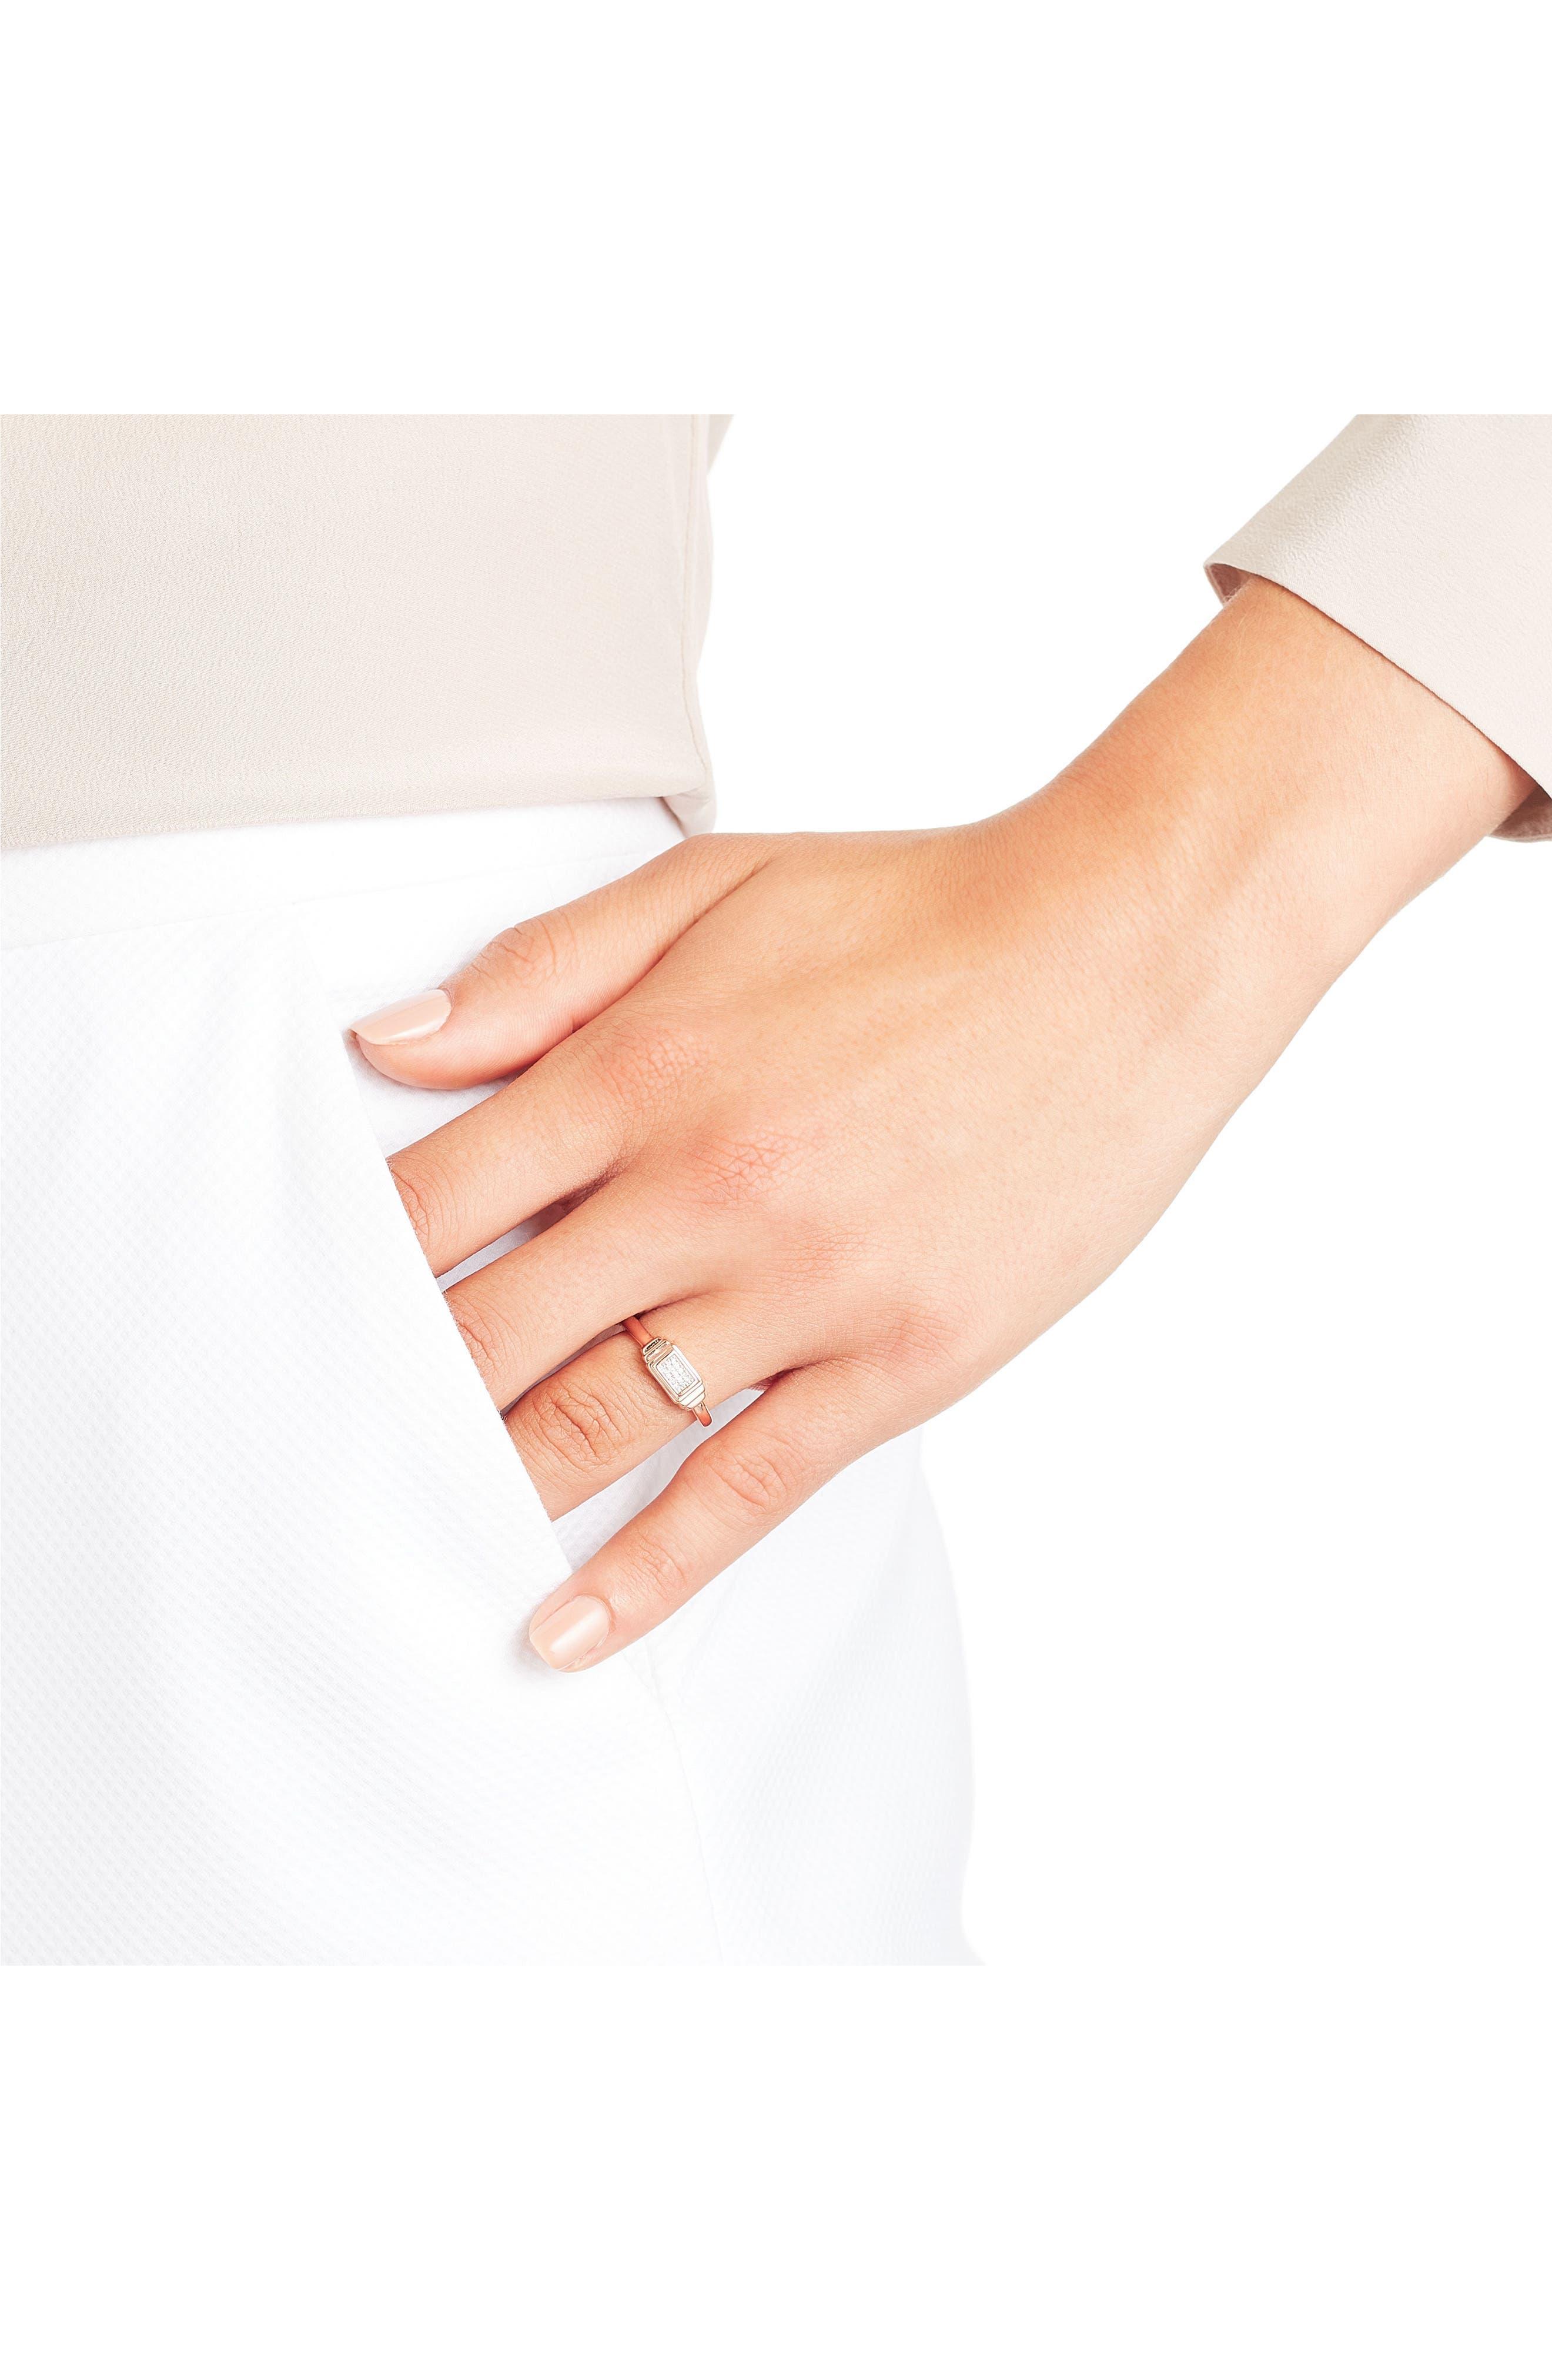 Baja Deco Diamond Ring,                             Alternate thumbnail 2, color,                             ROSE GOLD/ DIAMOND